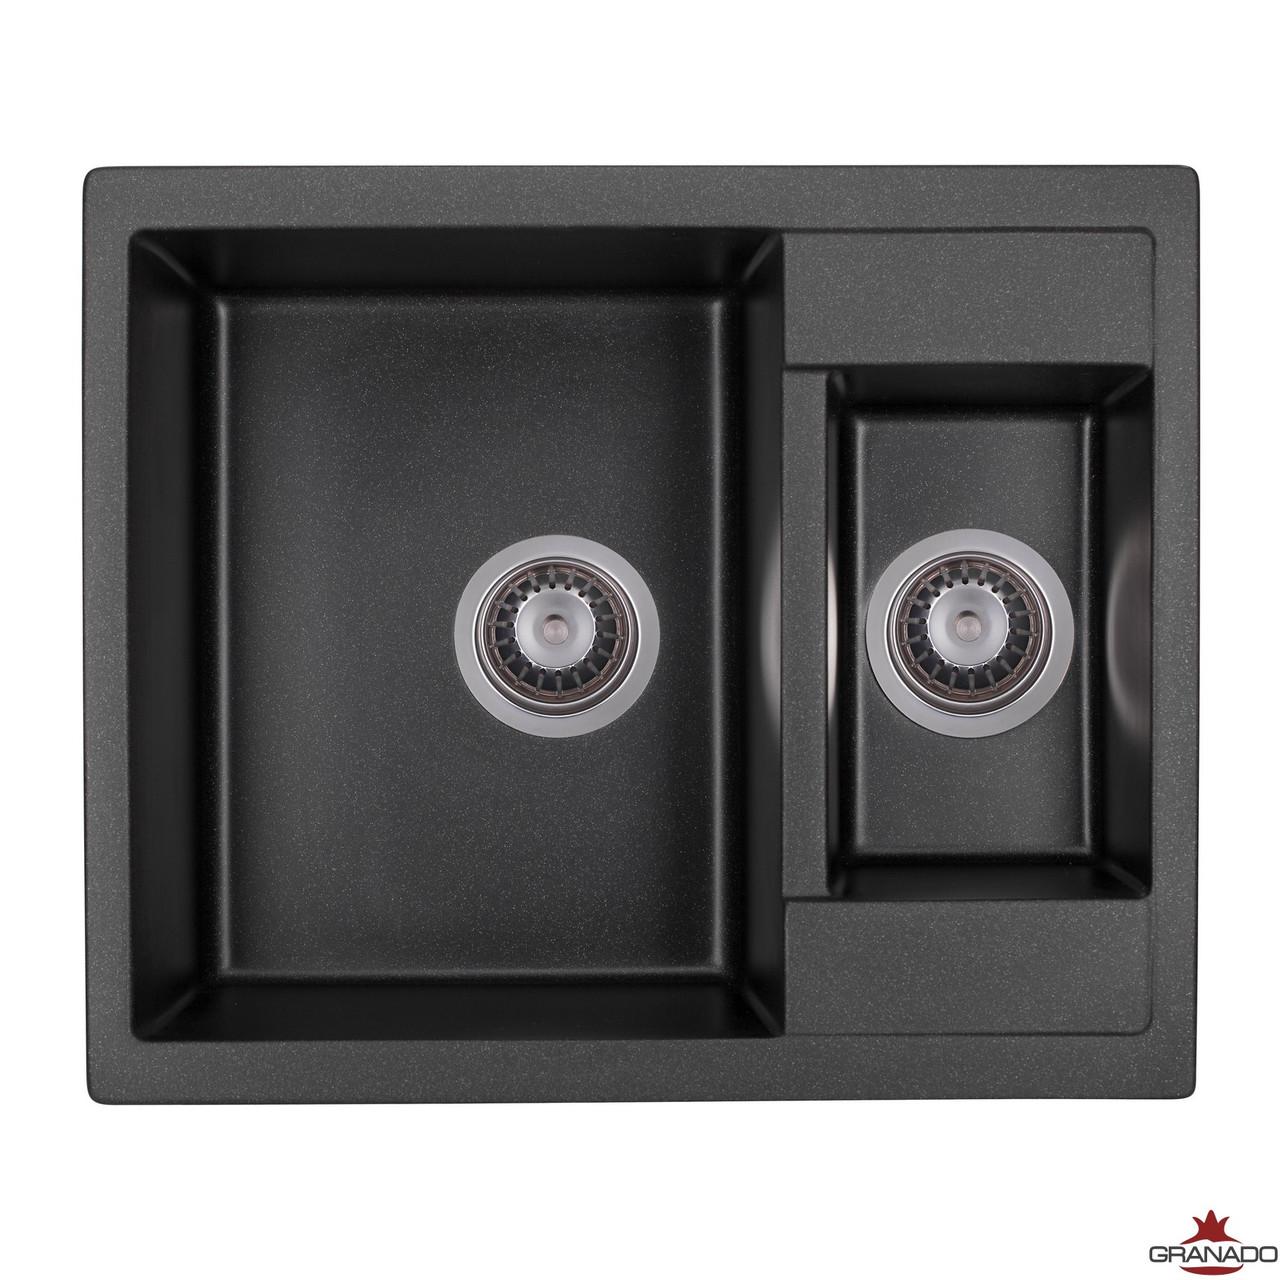 Гранитная кухонная мойка двухчашевая модель Samora цвет Black Shine от ТМ Granado прямоугольной формы